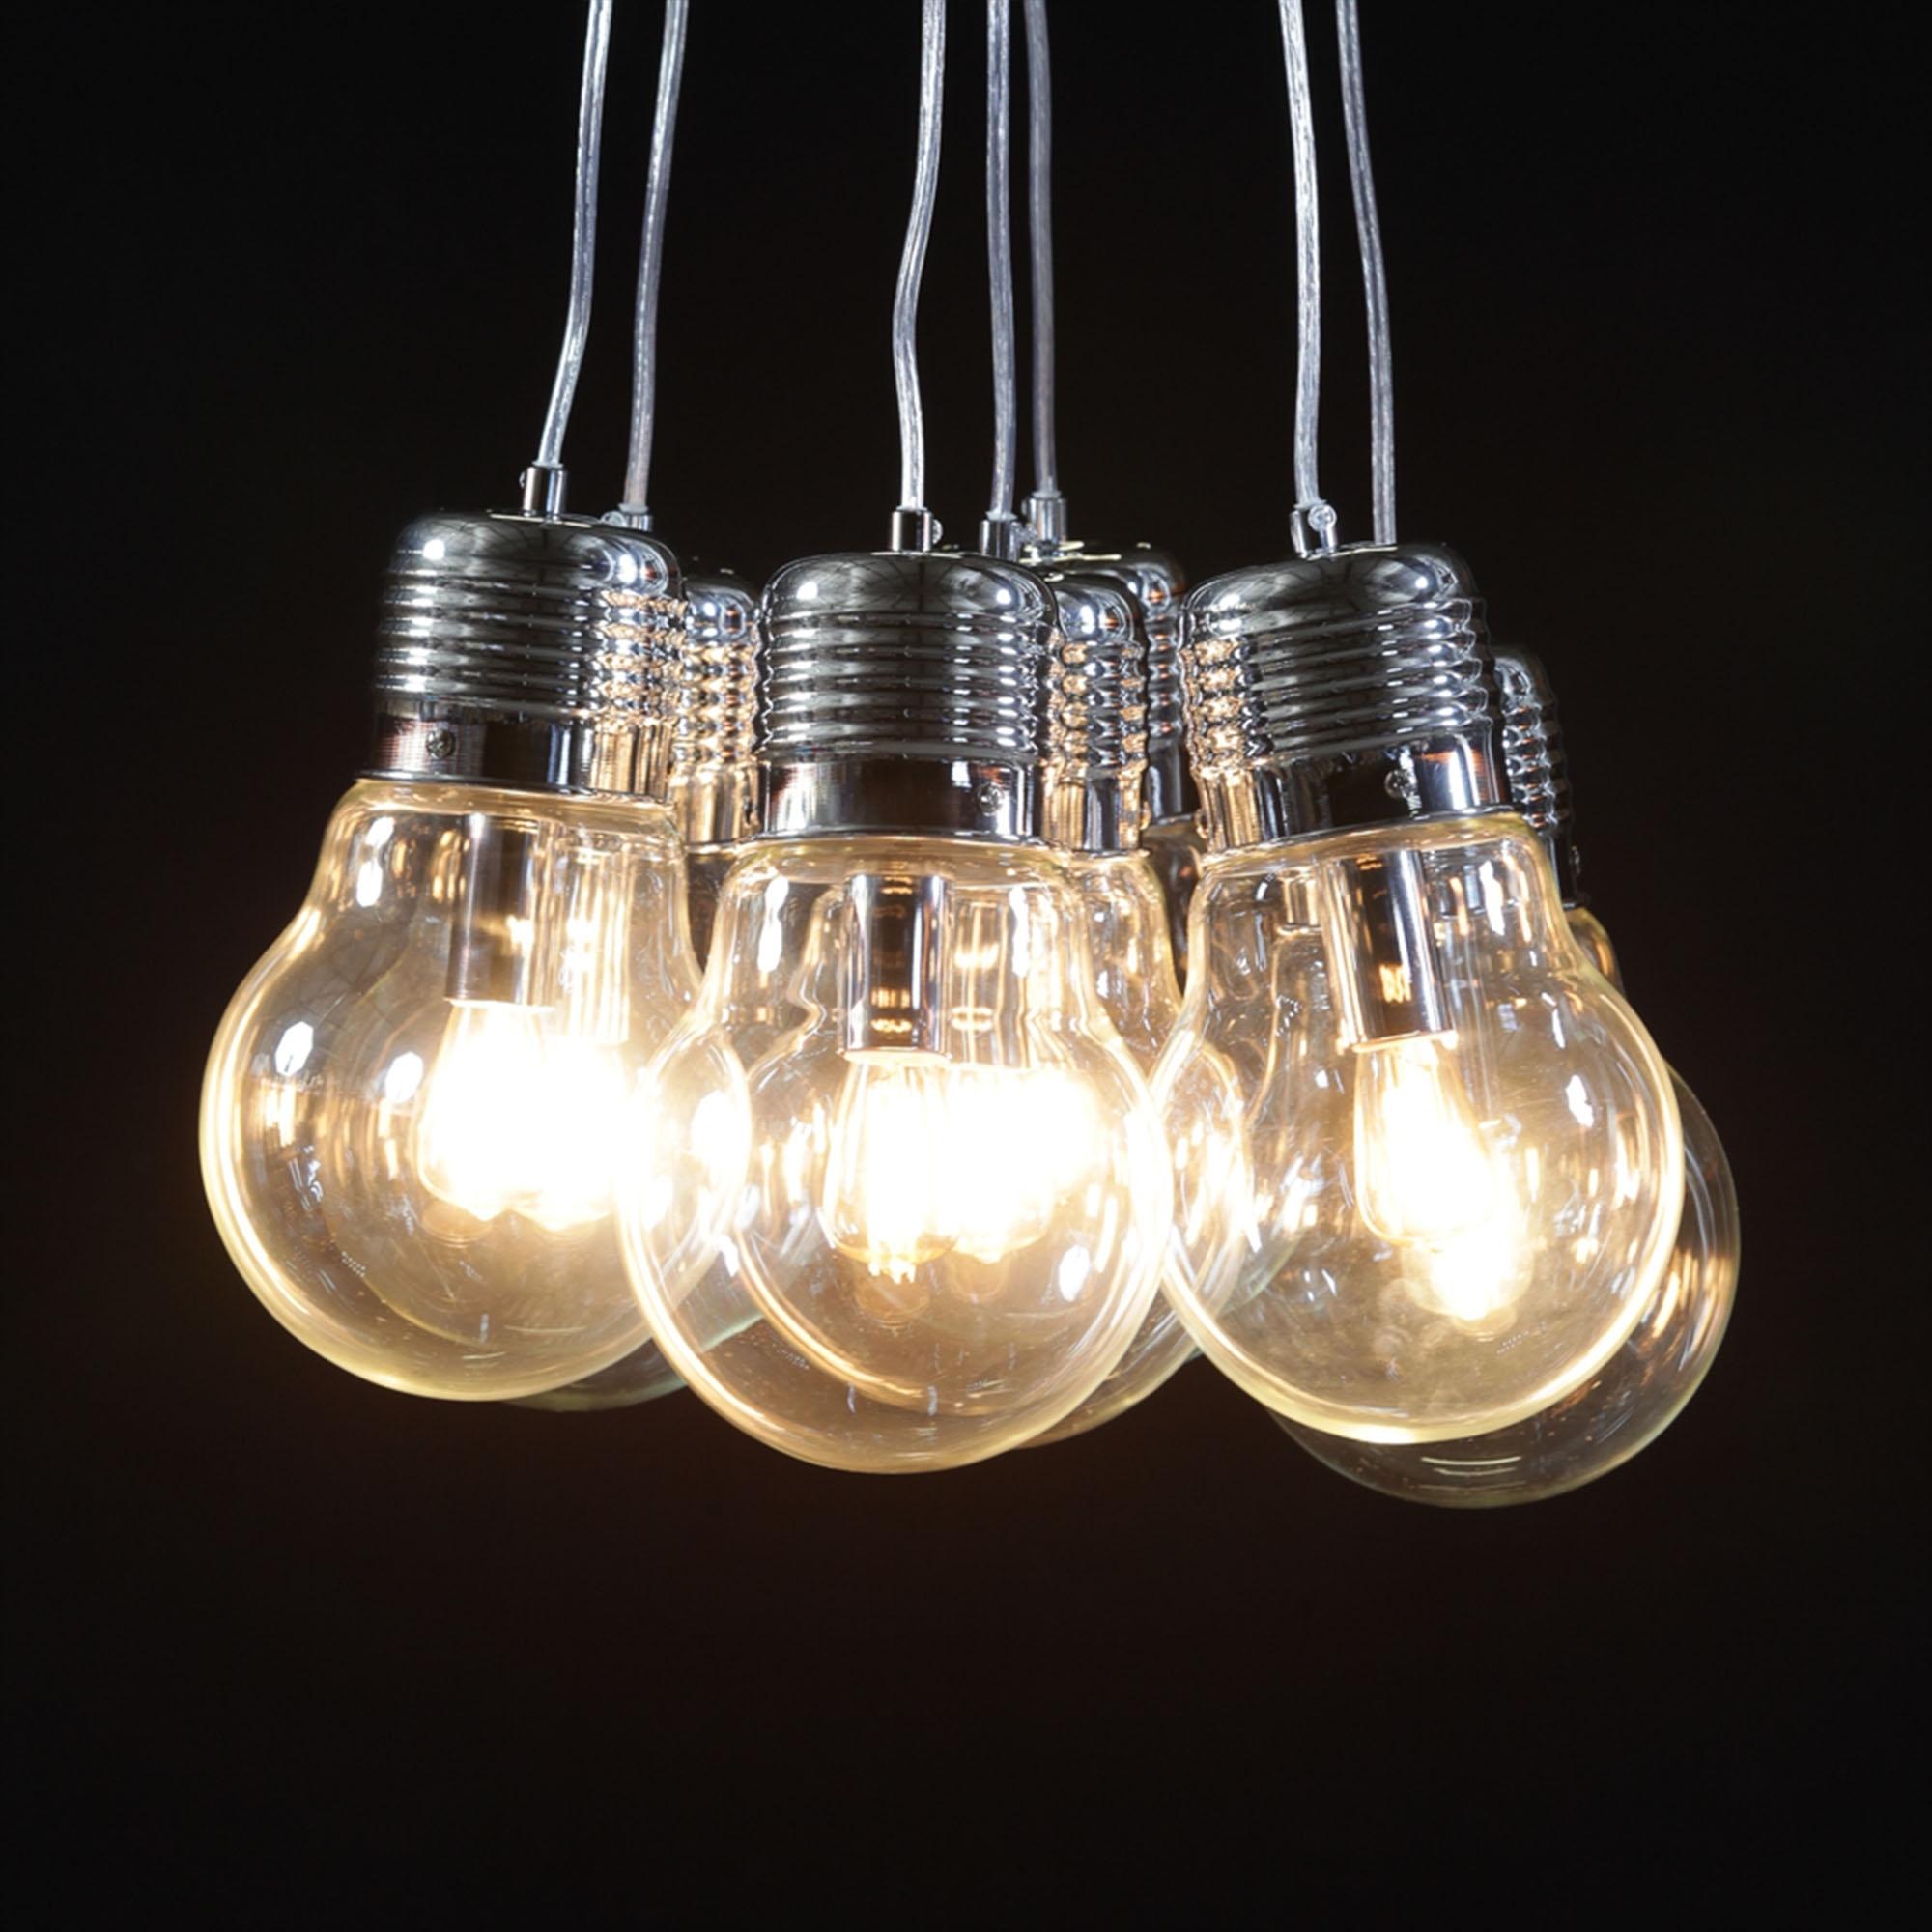 product by venetian arm deco glass venti chandelier in light bulb murano visone en lampadario veneziano vetro anni six circa venini color